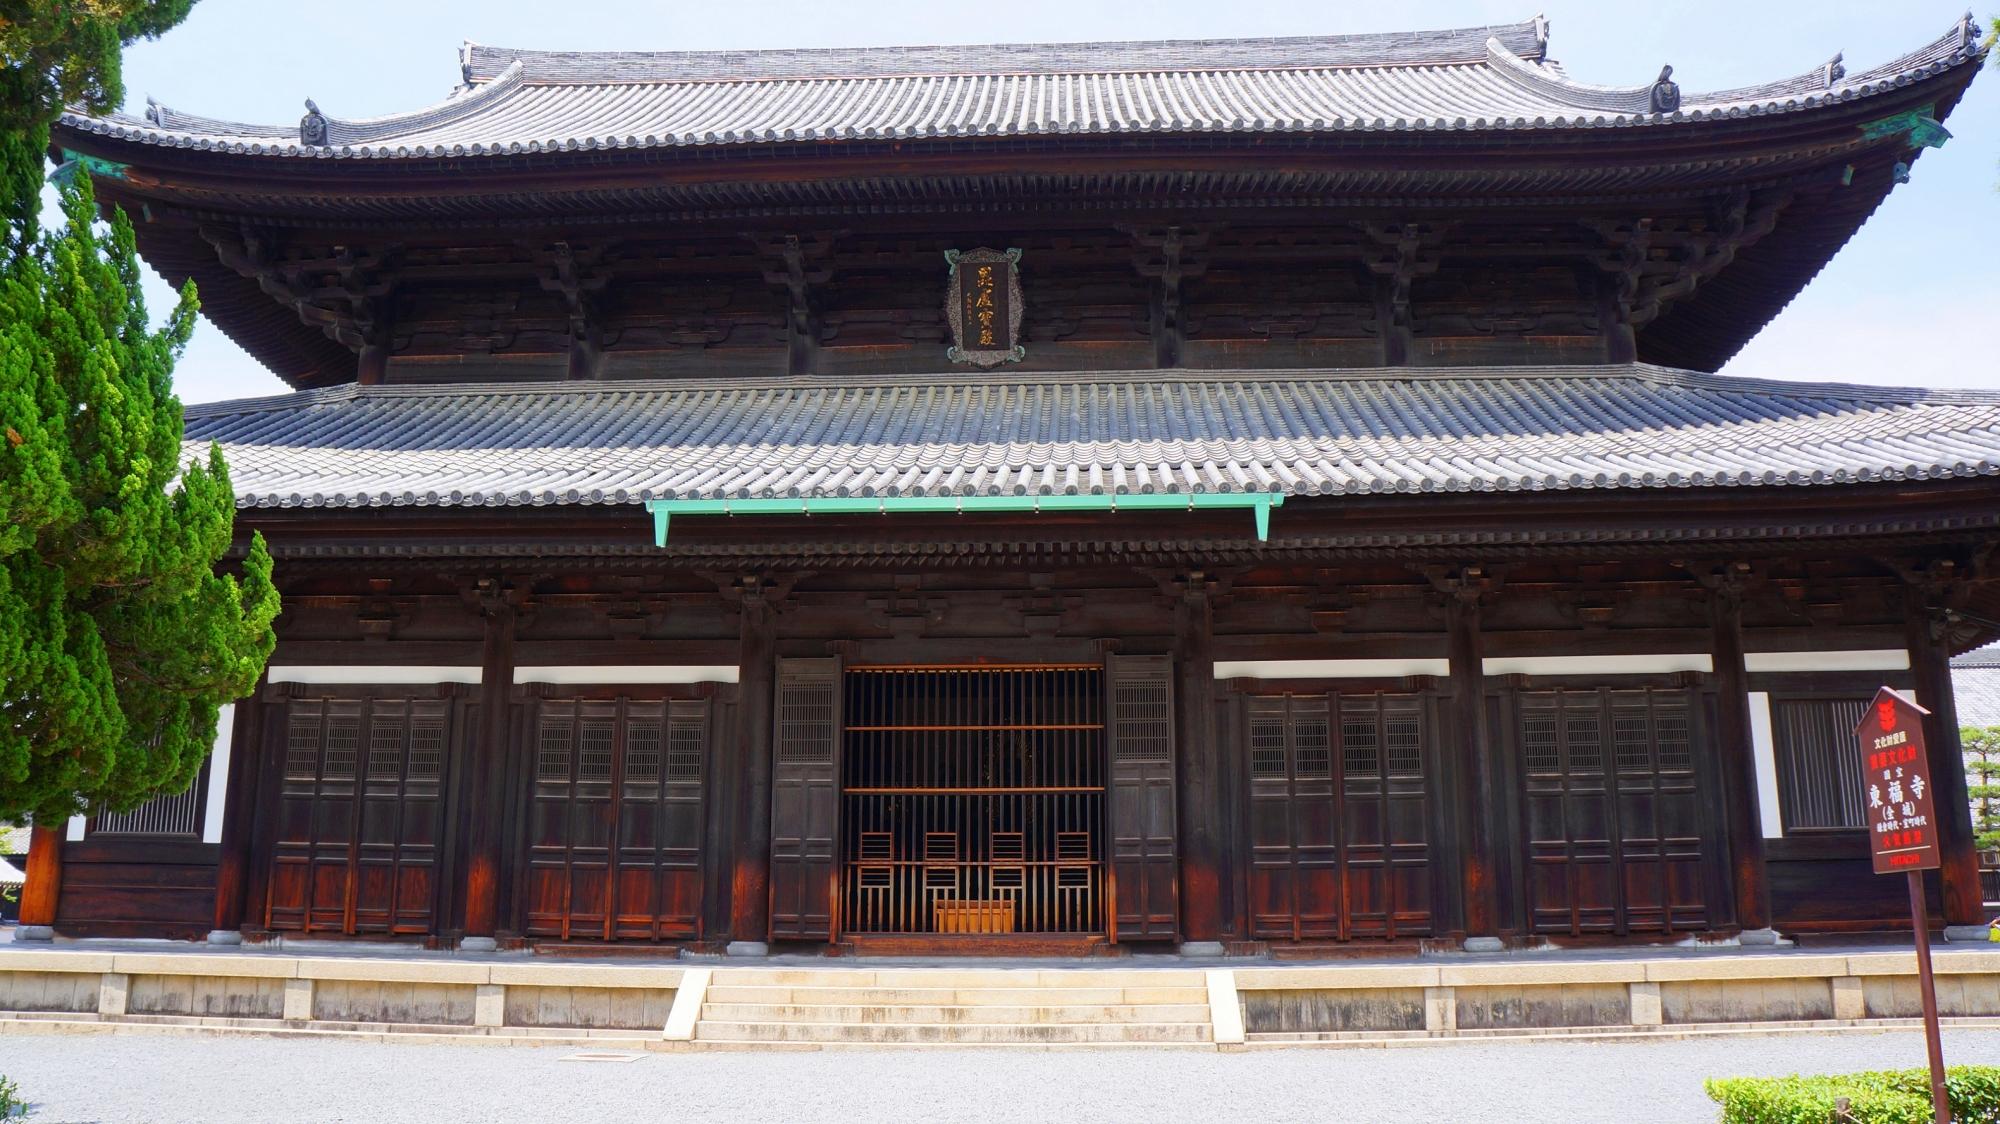 雄大な造りの東福寺の本堂(仏殿)